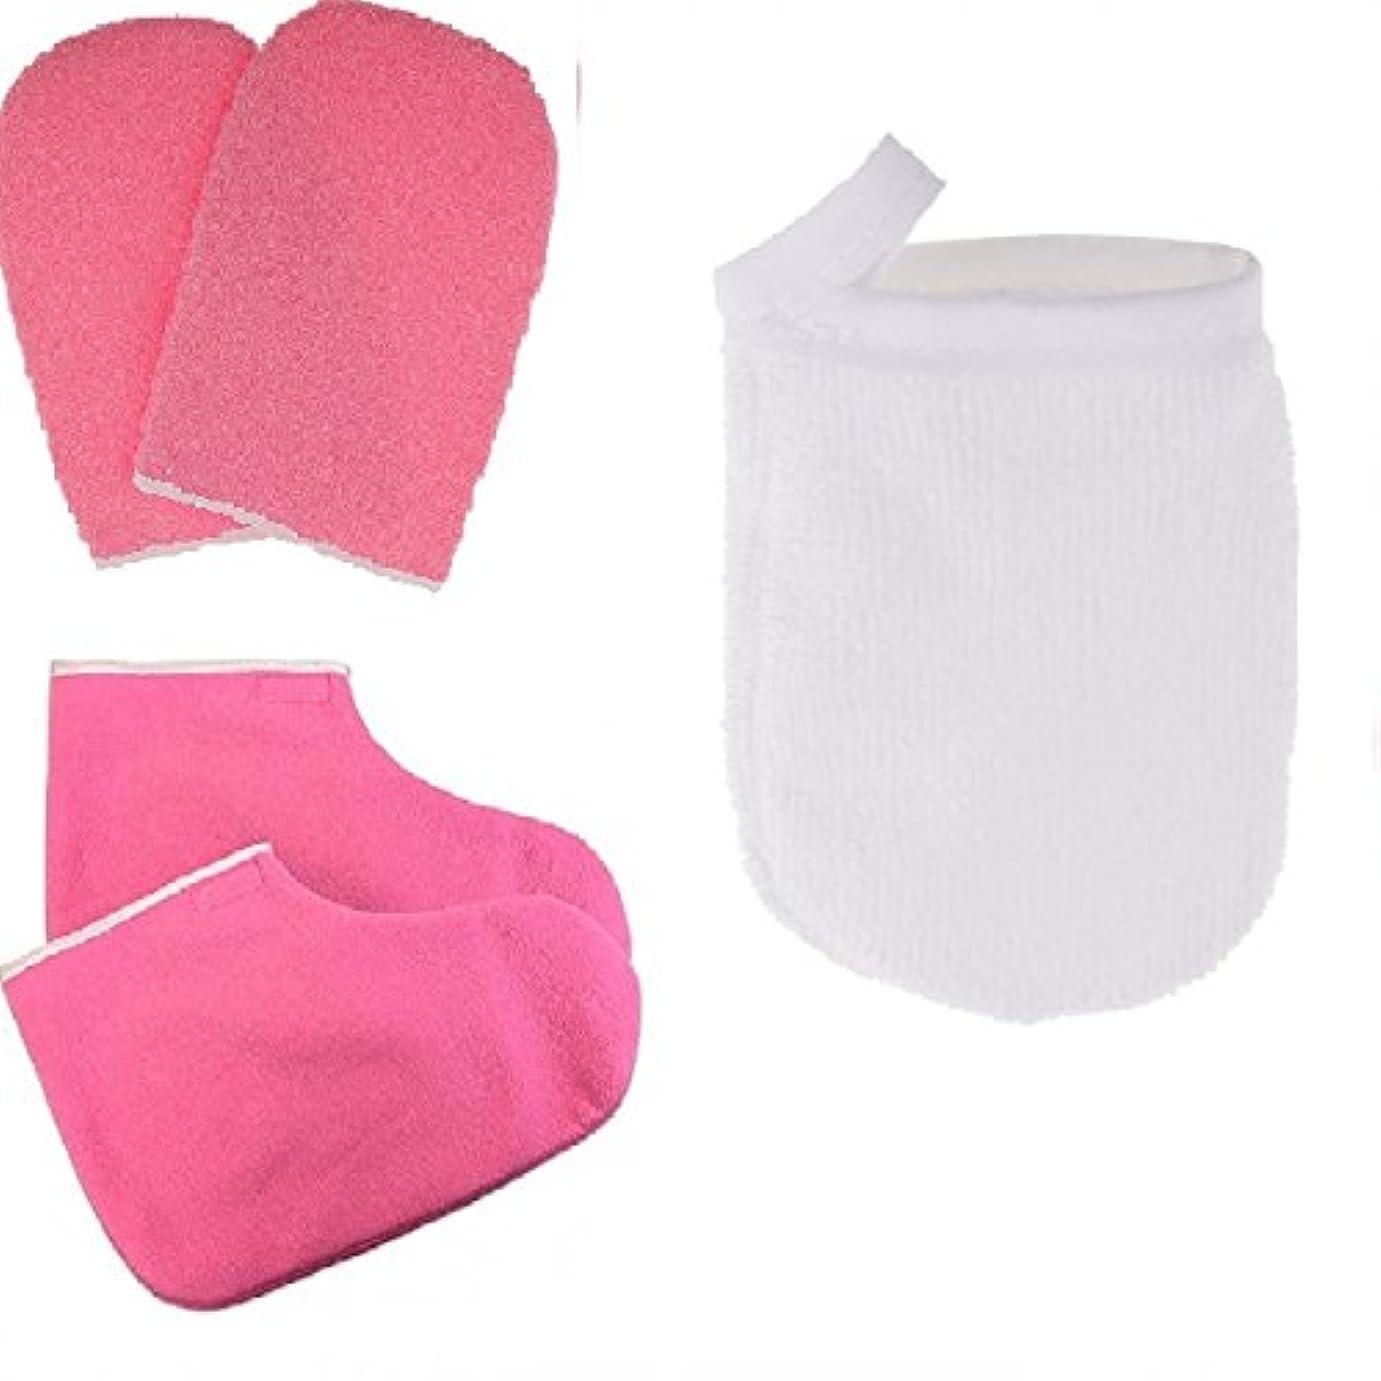 資産神秘飢パラフィン蝋手袋およびブーティのスキンケアが付いている表面構造の清潔になる手袋